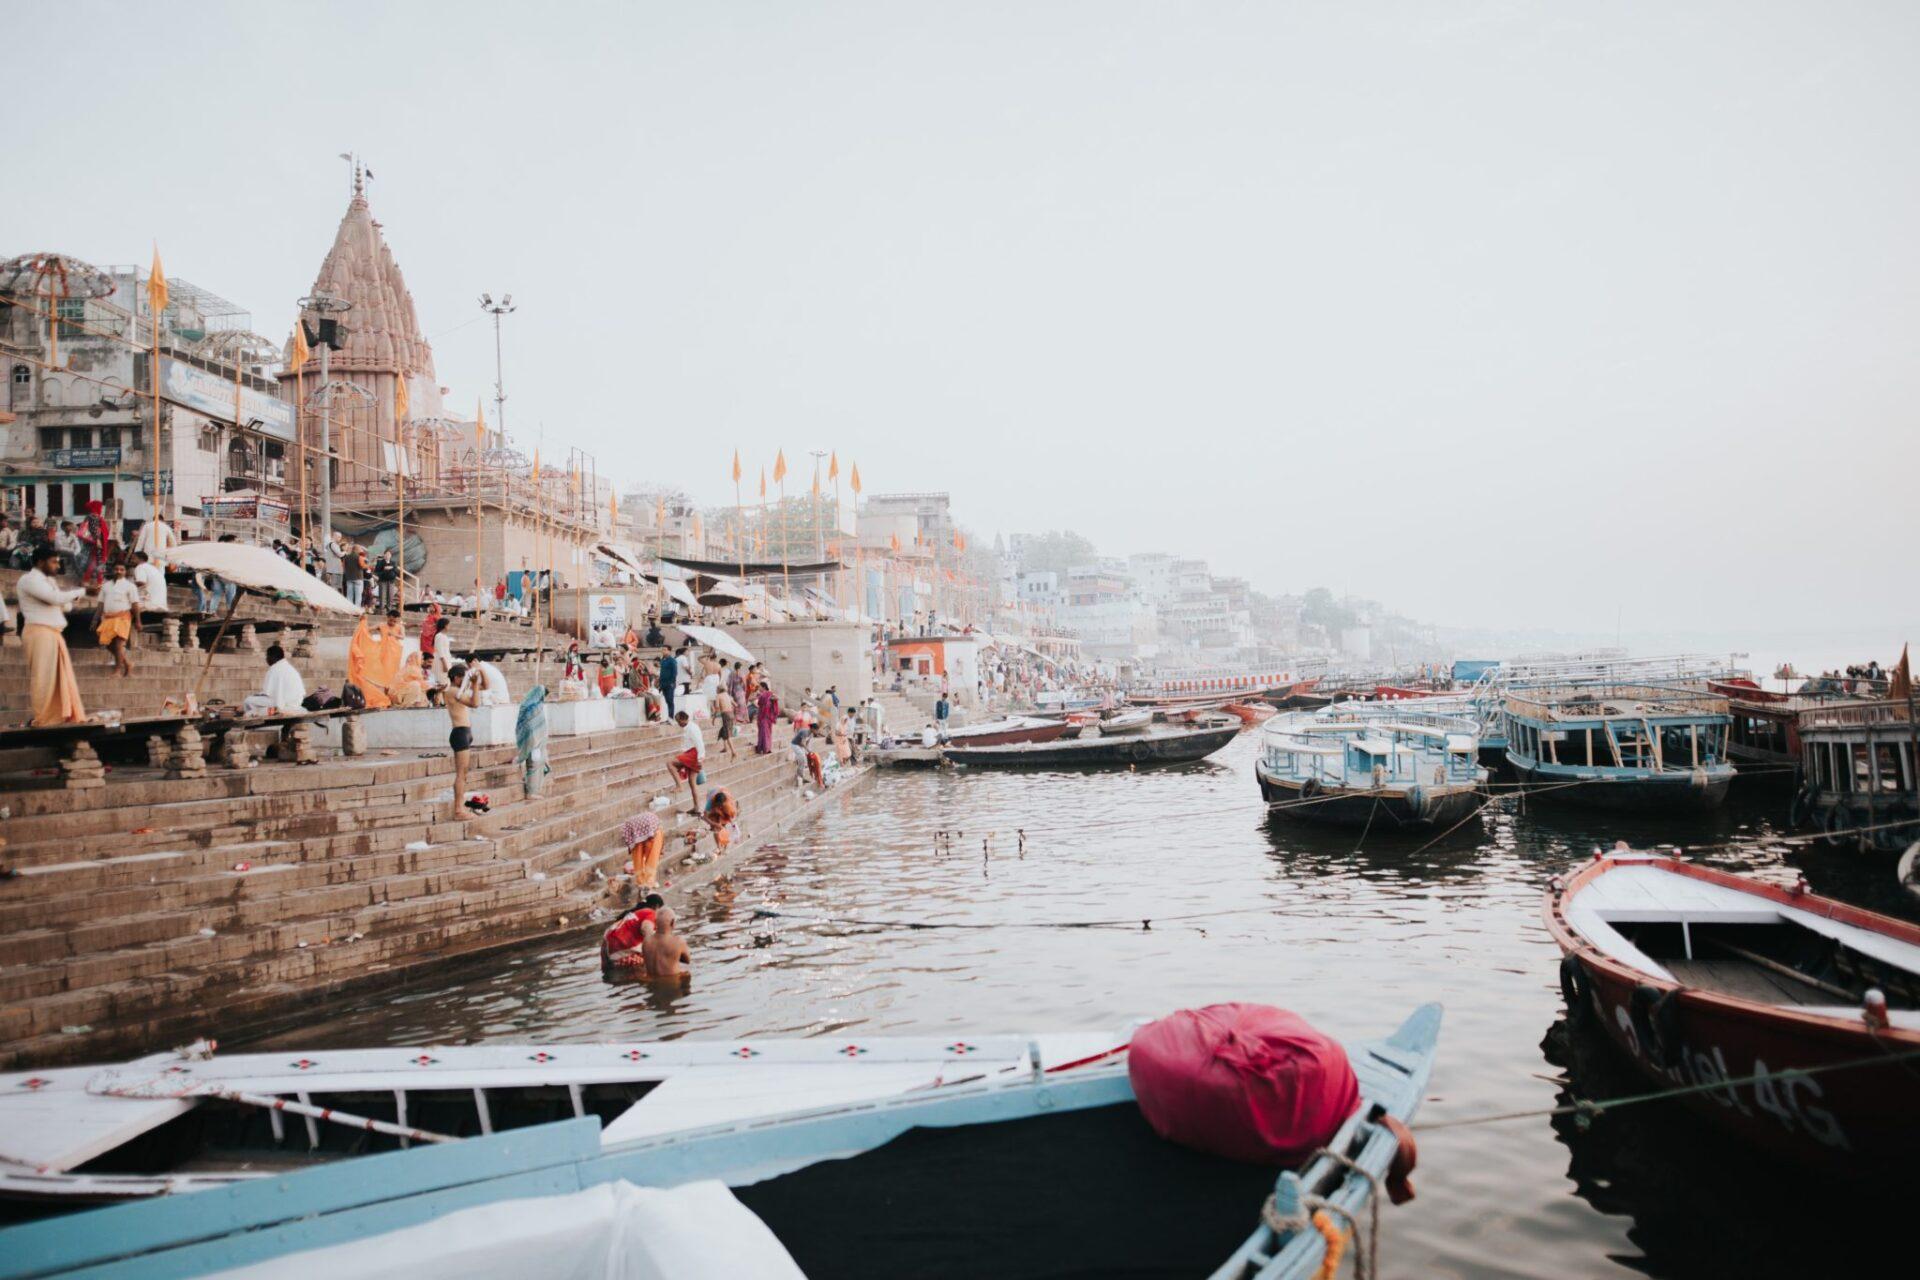 viaje ala ciudad Sagrada de la India